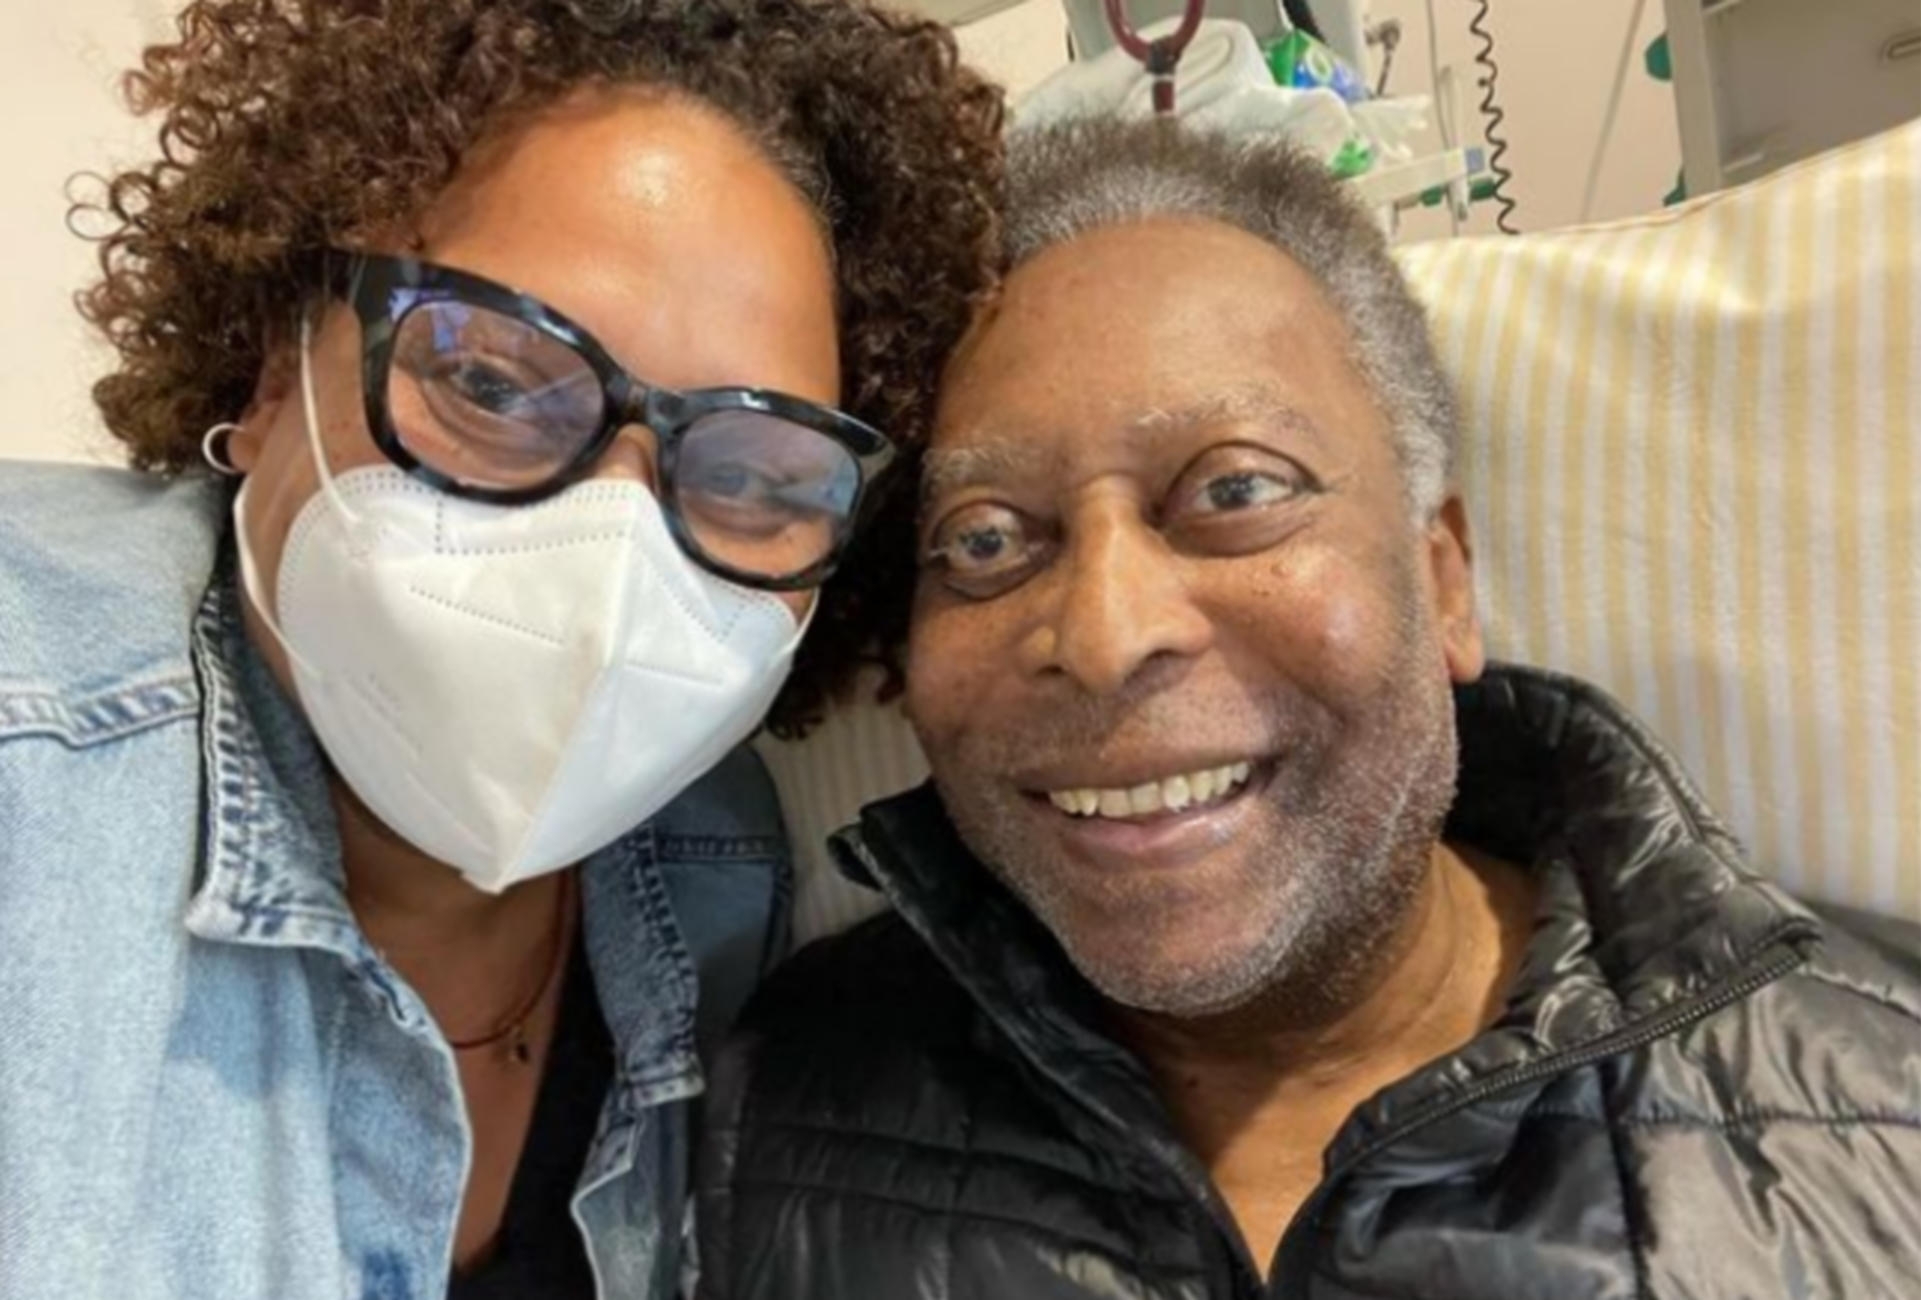 Η κόρη του Πελέ έδωσε πληροφορίες για την υγεία του